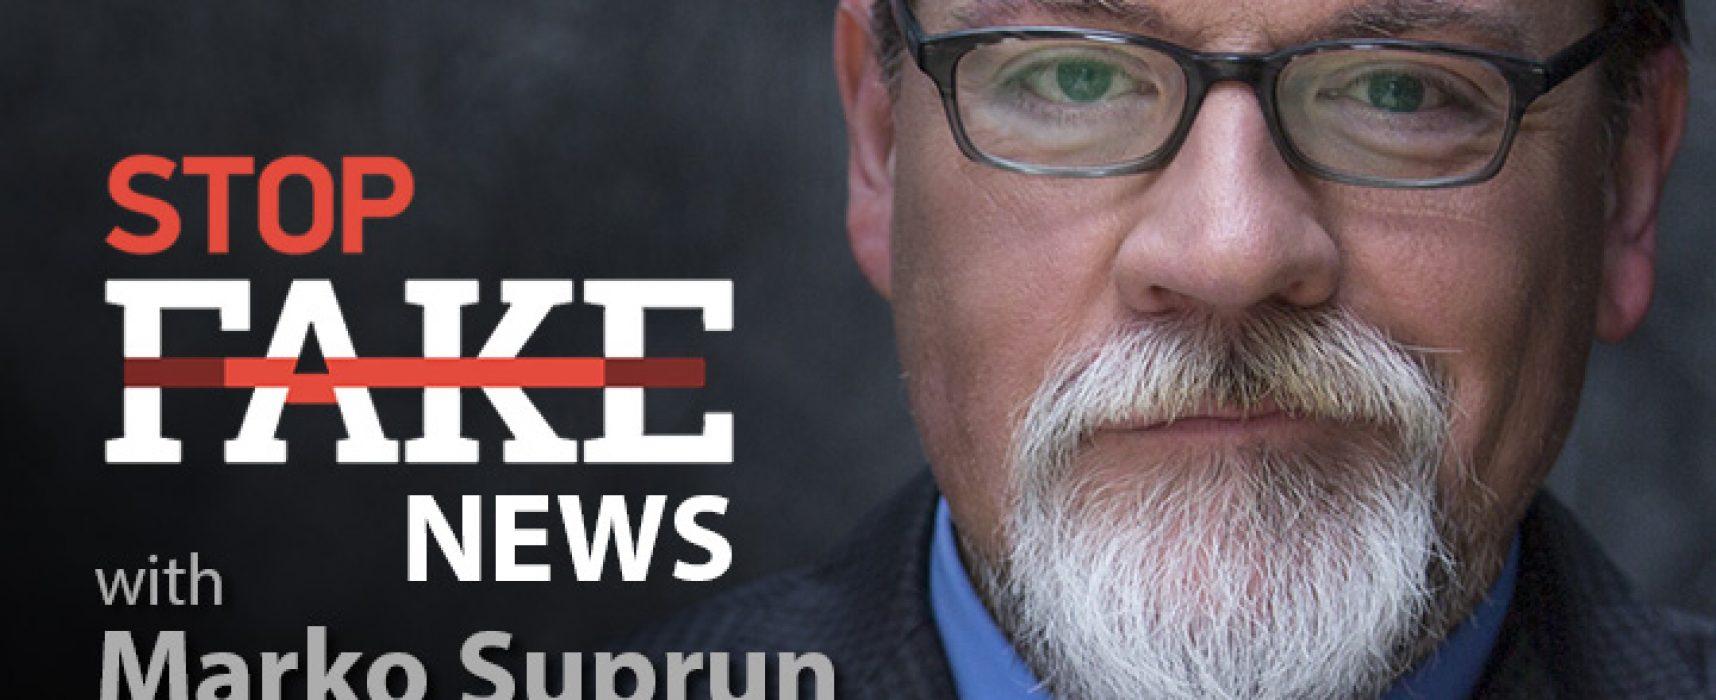 StopFakeNews #95 [Engels] met Marko Suprun